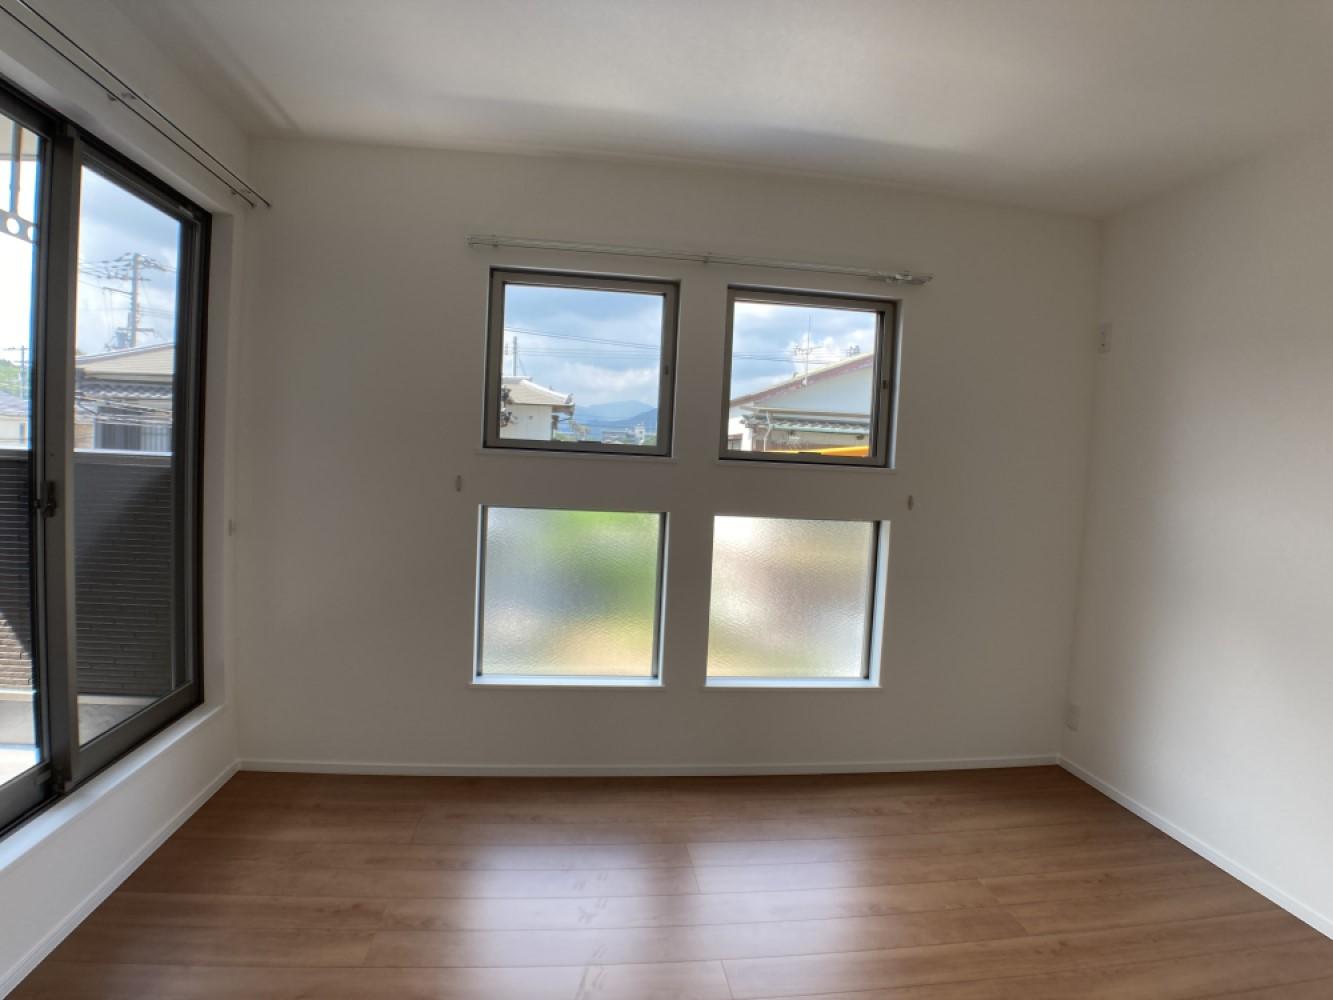 主寝室は広々していて安らげる空間に。大きな窓から光が差し込み、朝の目覚めも良さそう♪ ※施工事例です。